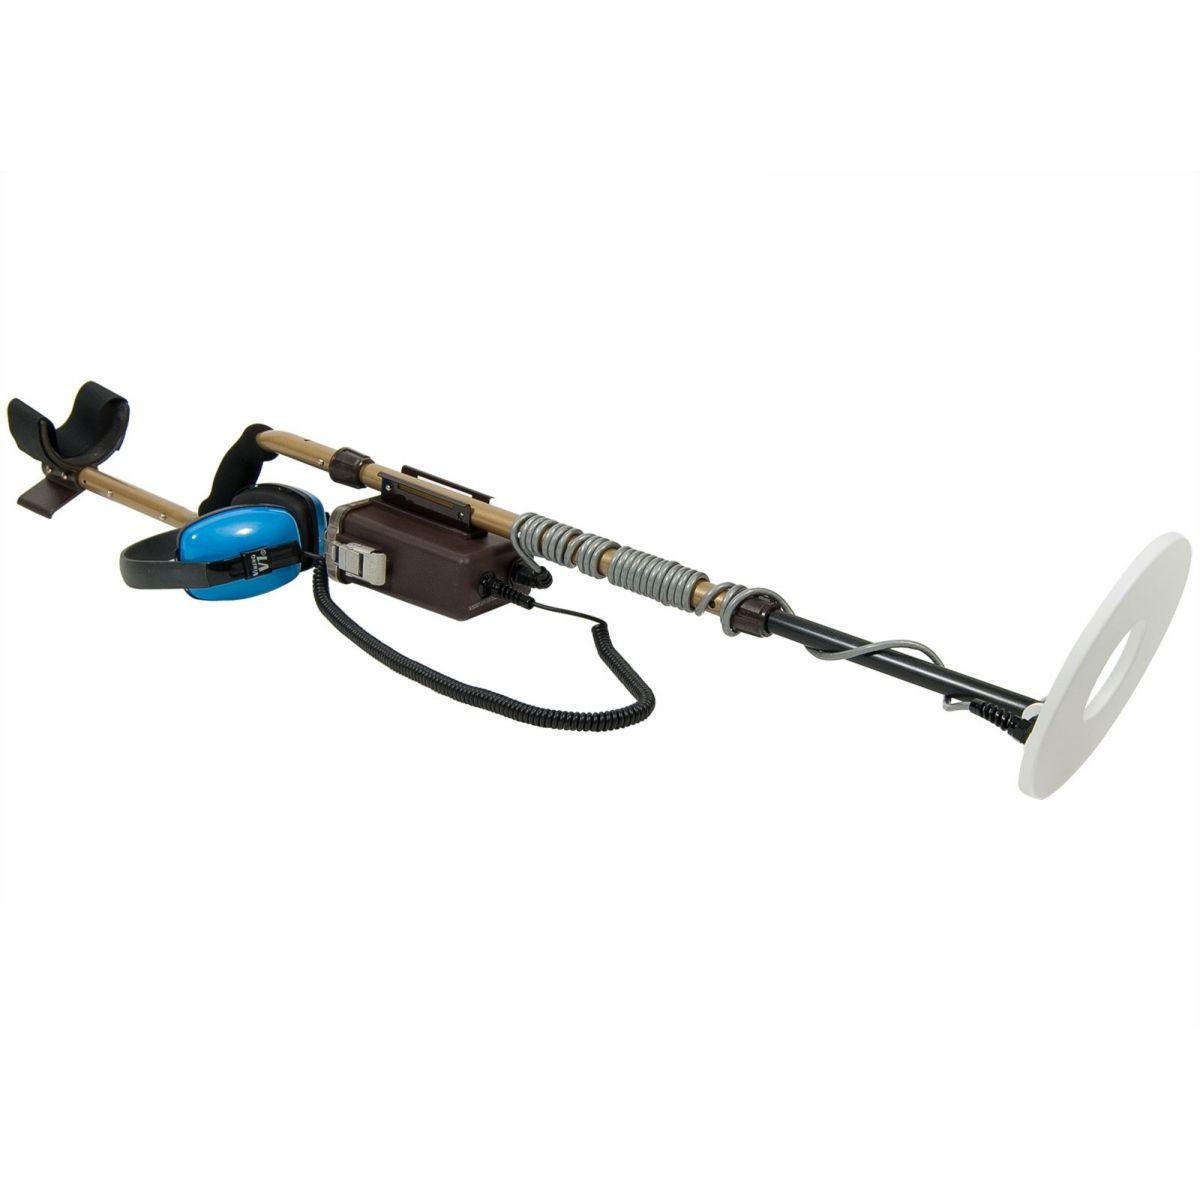 """Detector de Metais Tesoro Sand Shark com Bobina de 8""""  - Fortuna Detectores de Metais"""